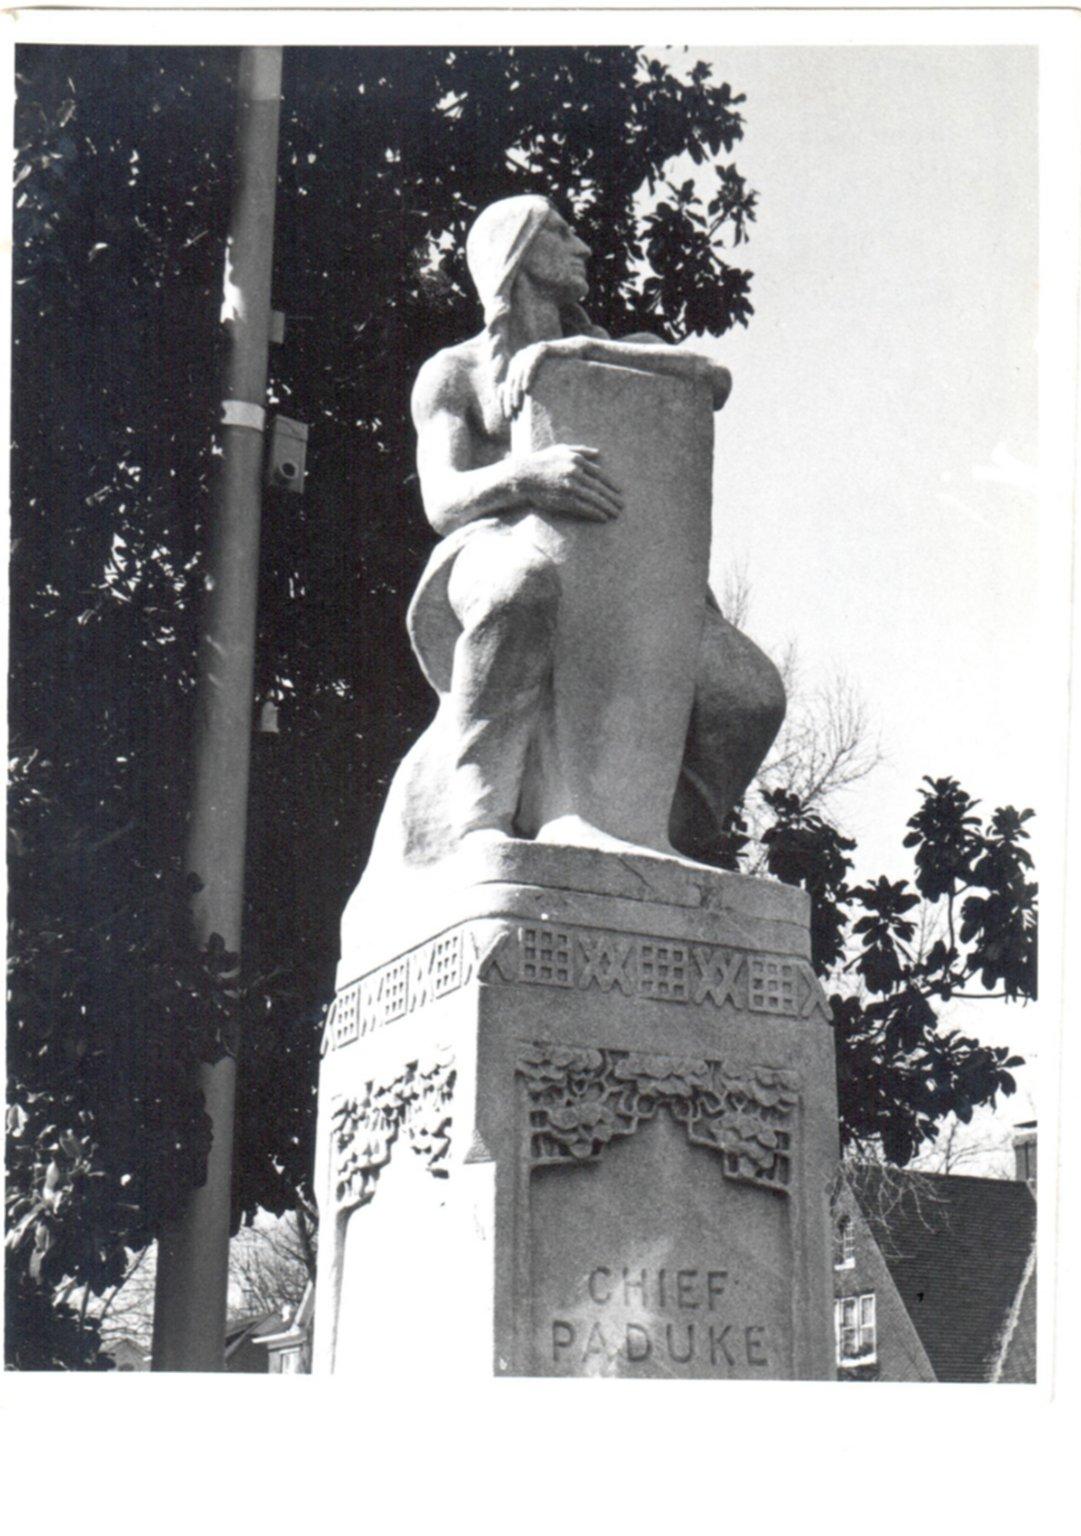 Statue of Chief Paduke